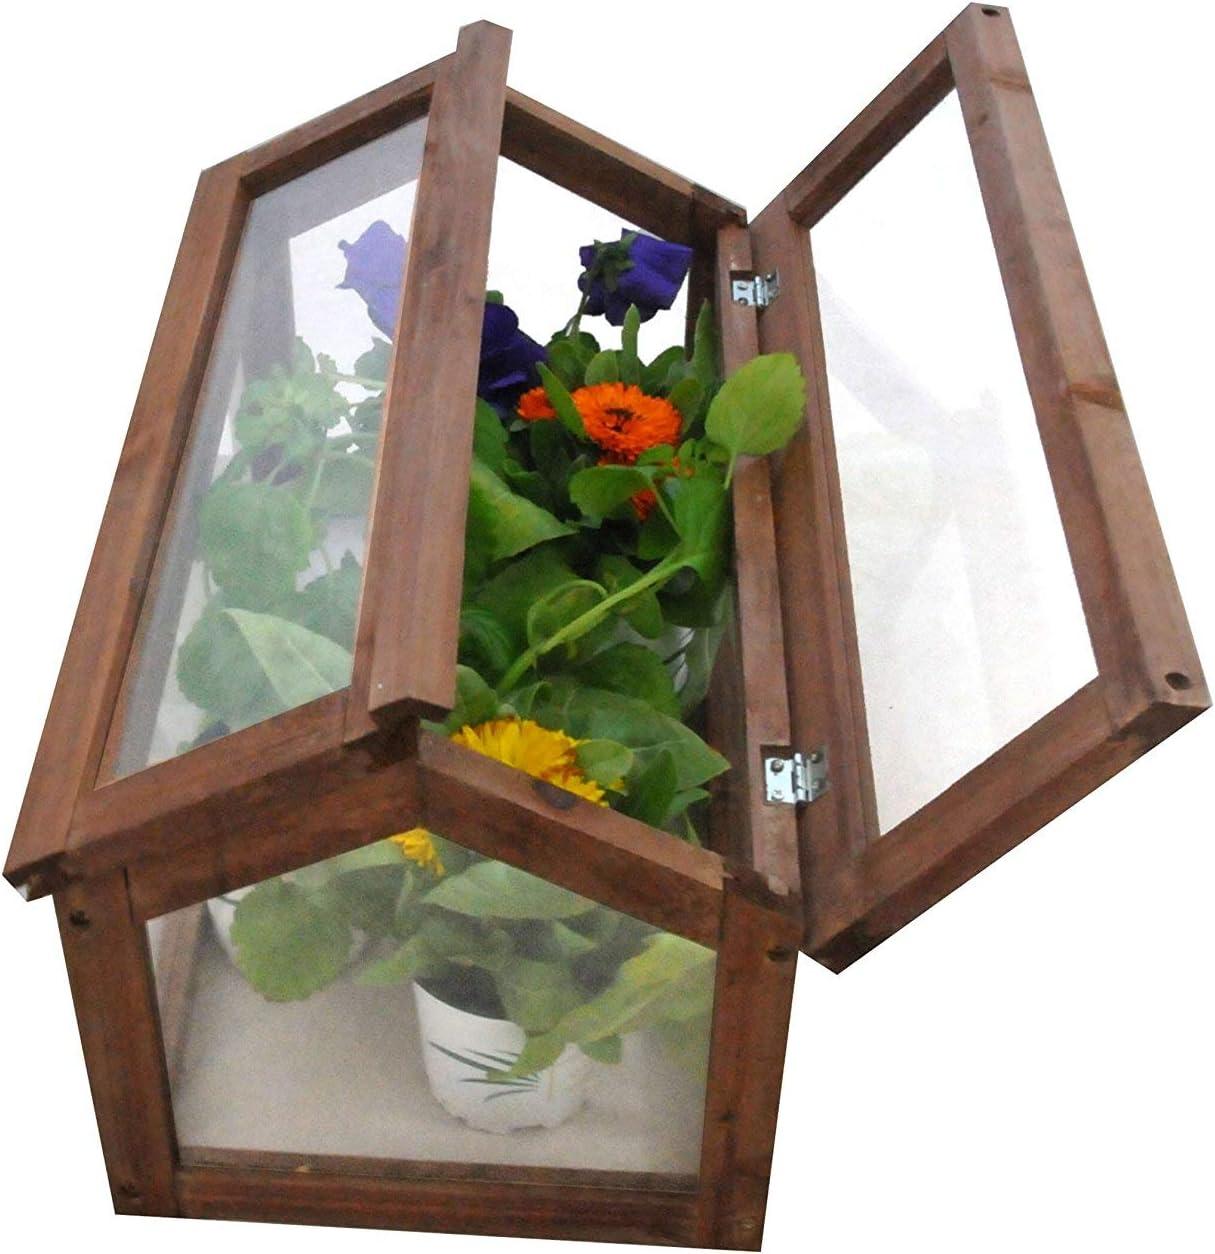 Invernadero Gardiun Narciso 51x31x30, 5 cm: Amazon.es: Jardín